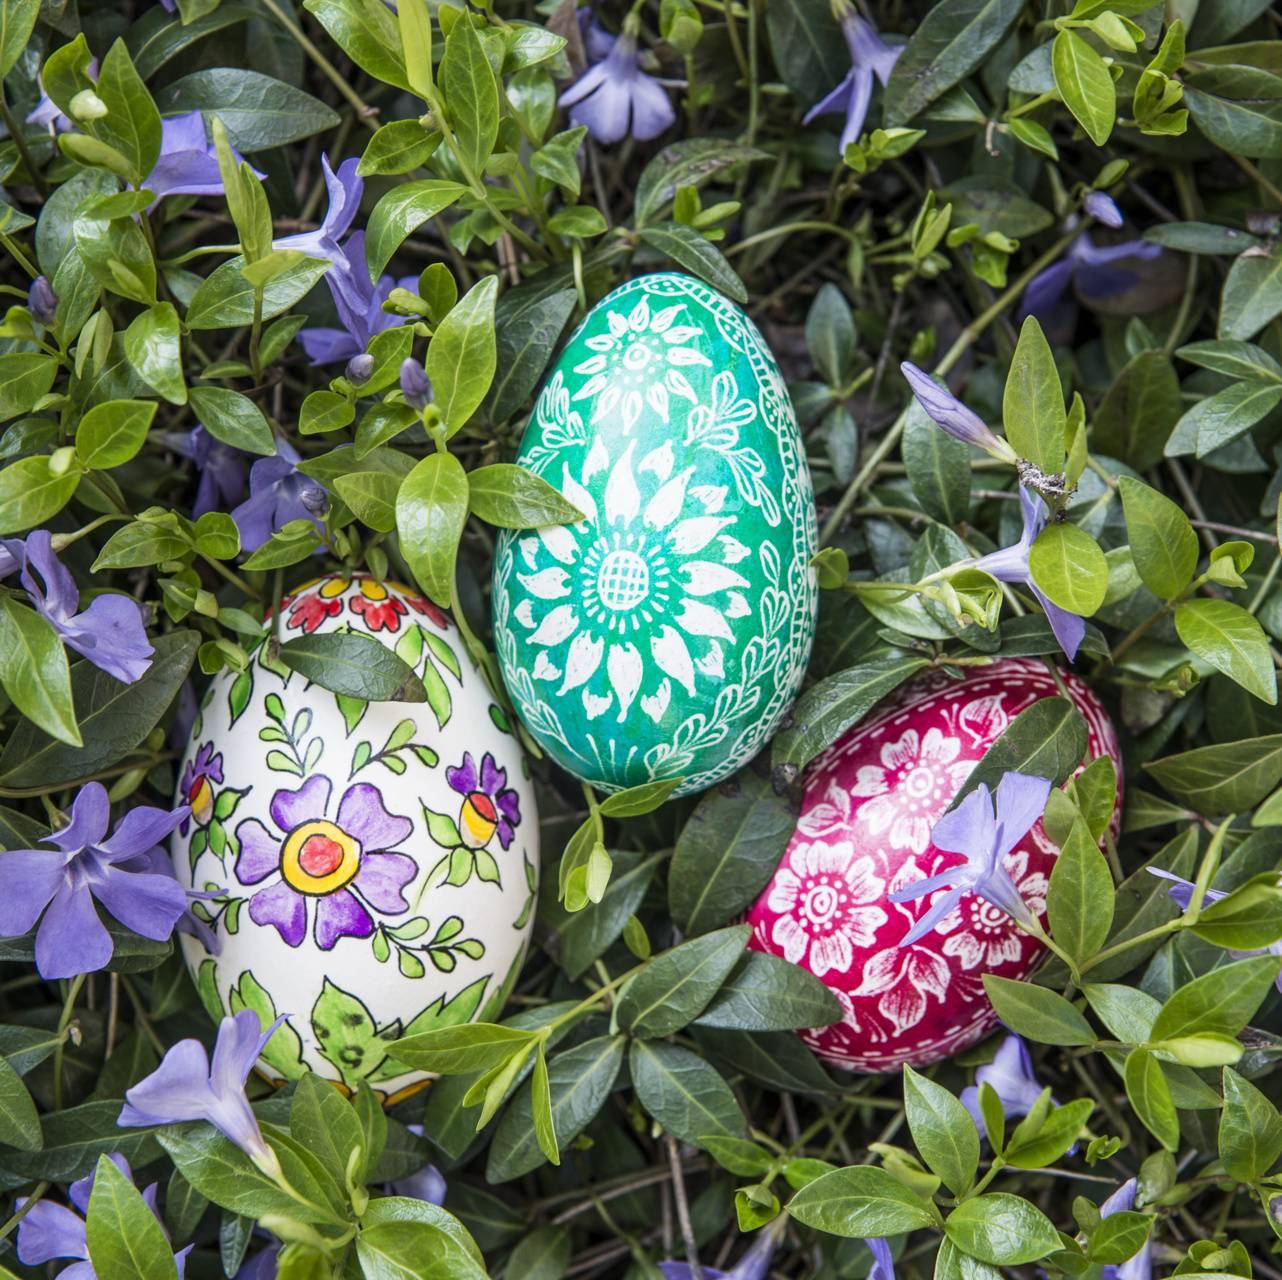 Easter2014 eggs